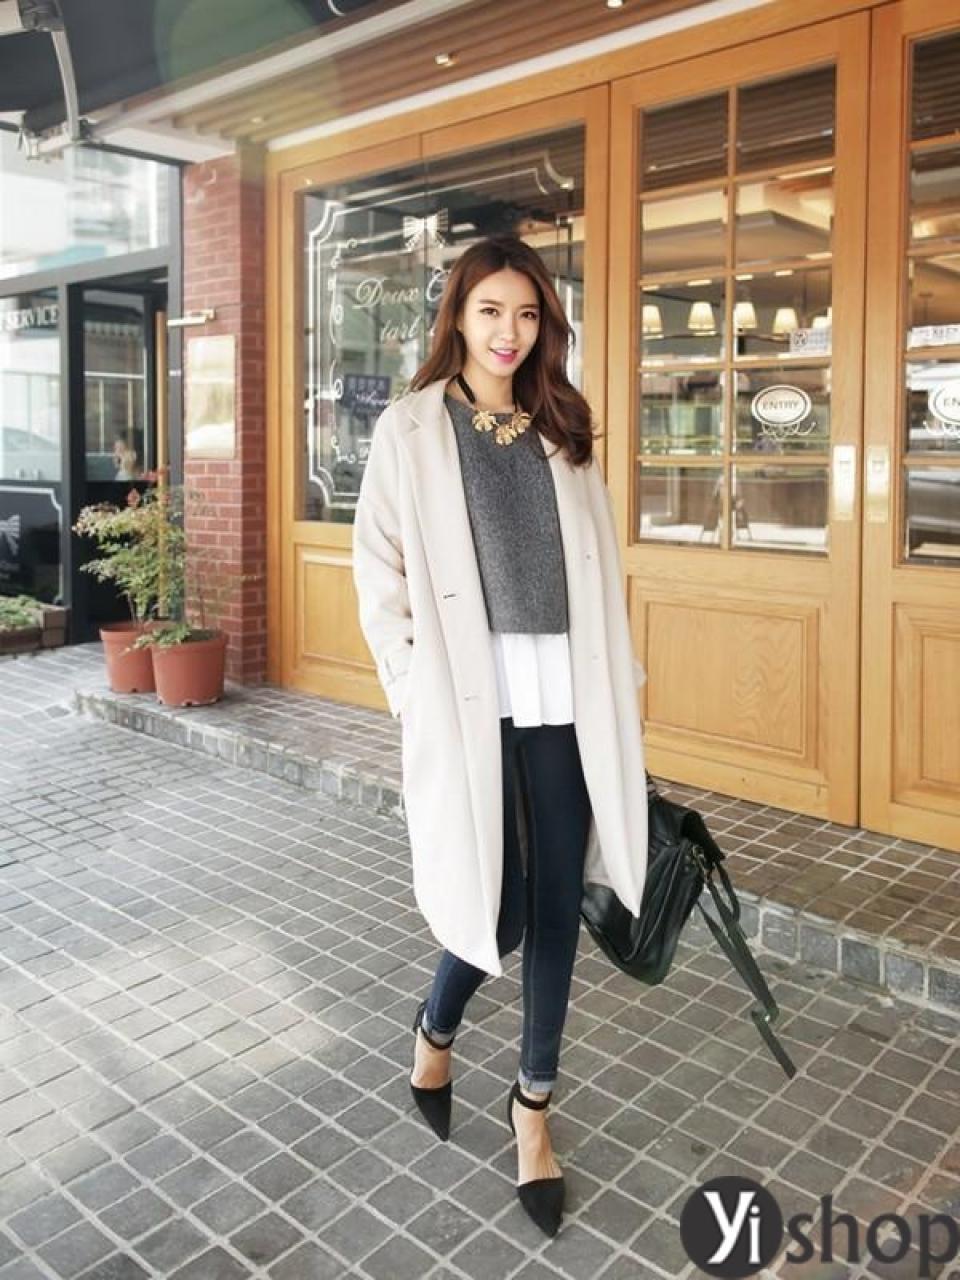 Áo khoác nữ dáng dài đẹp phong cách Hàn Quốc mới nhất thu đông 2021 - 2022